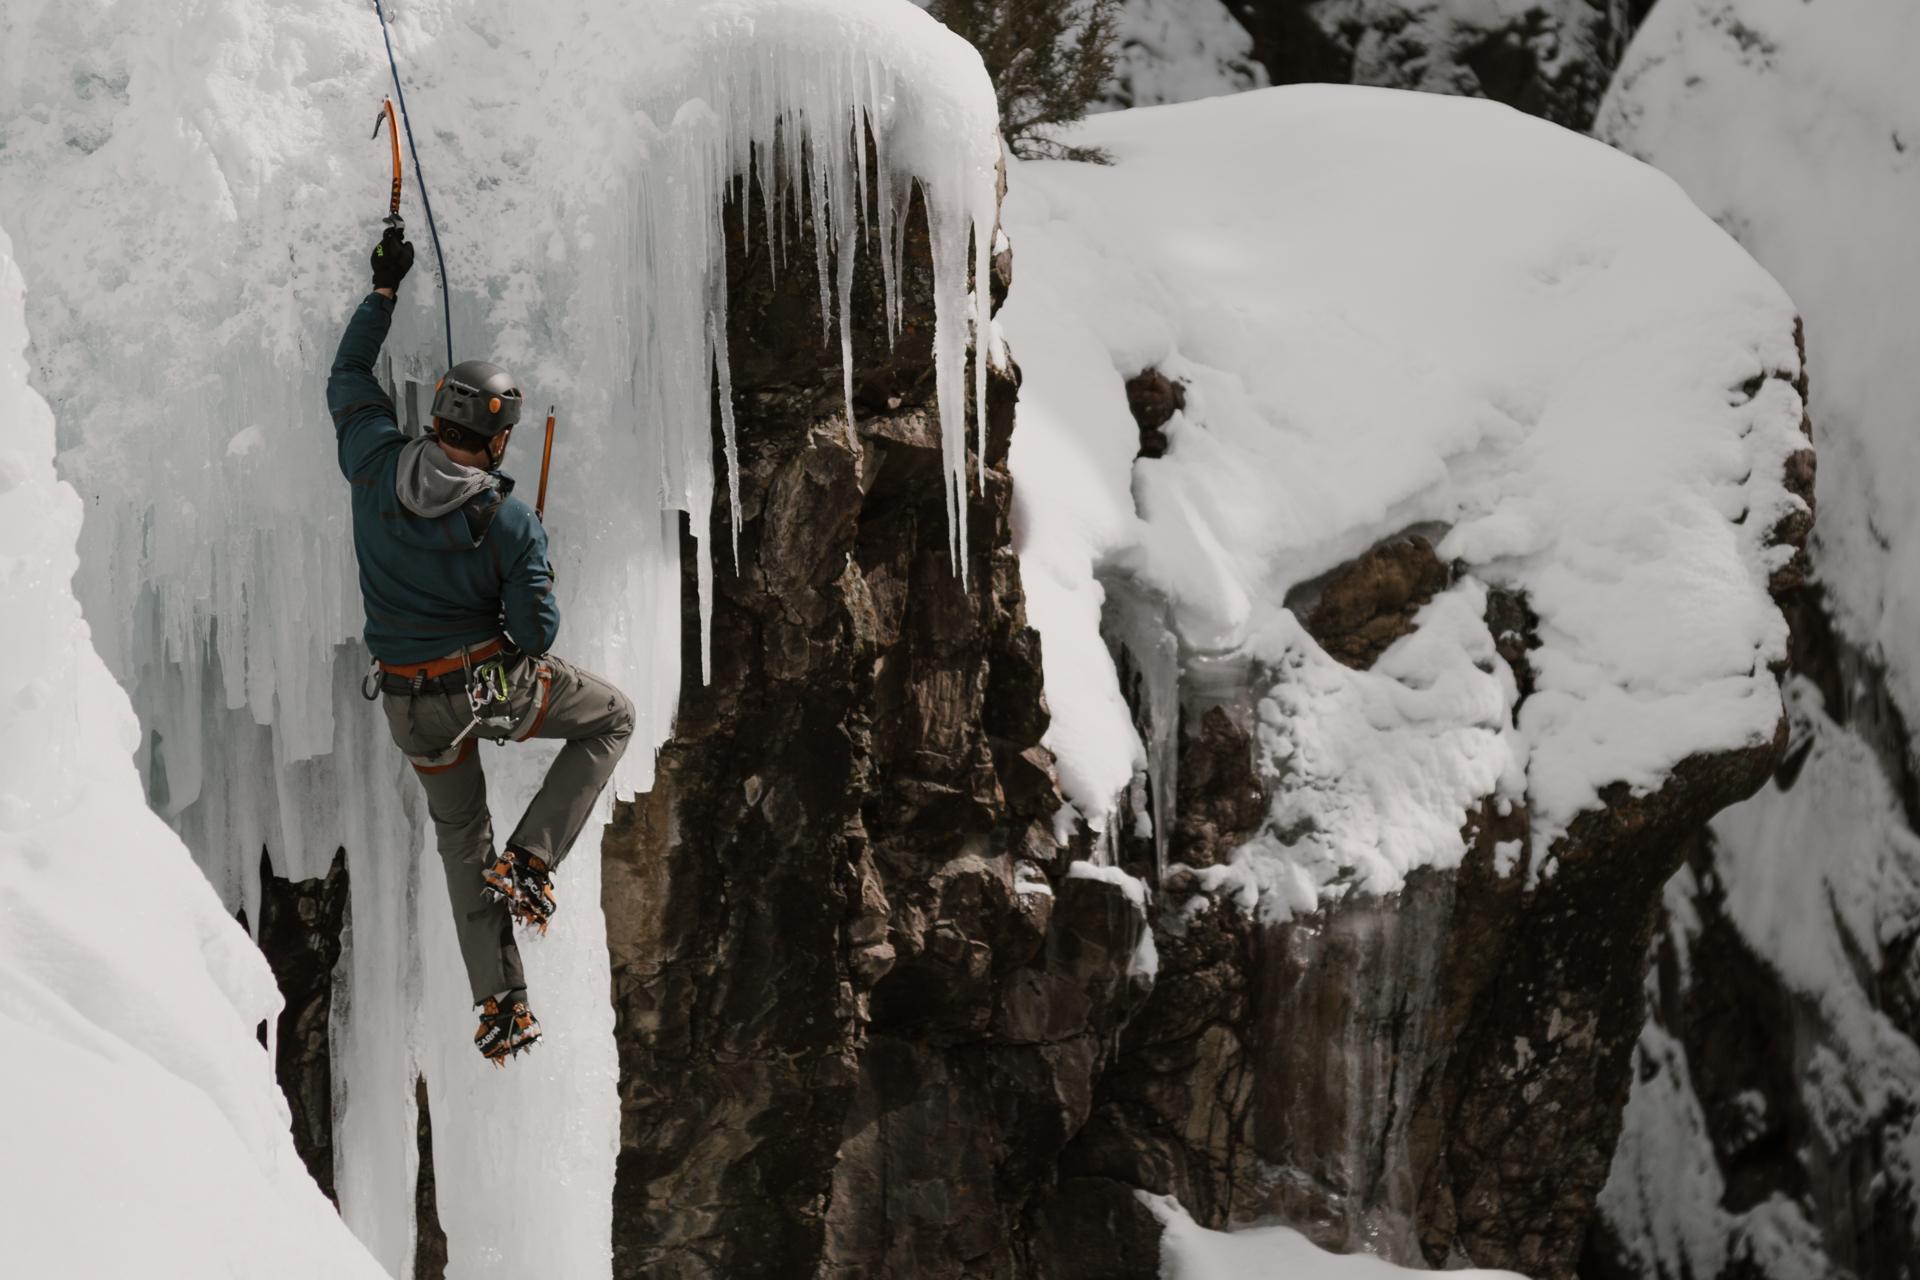 ouray_colorado_ice_climbing_festival-28.jpg